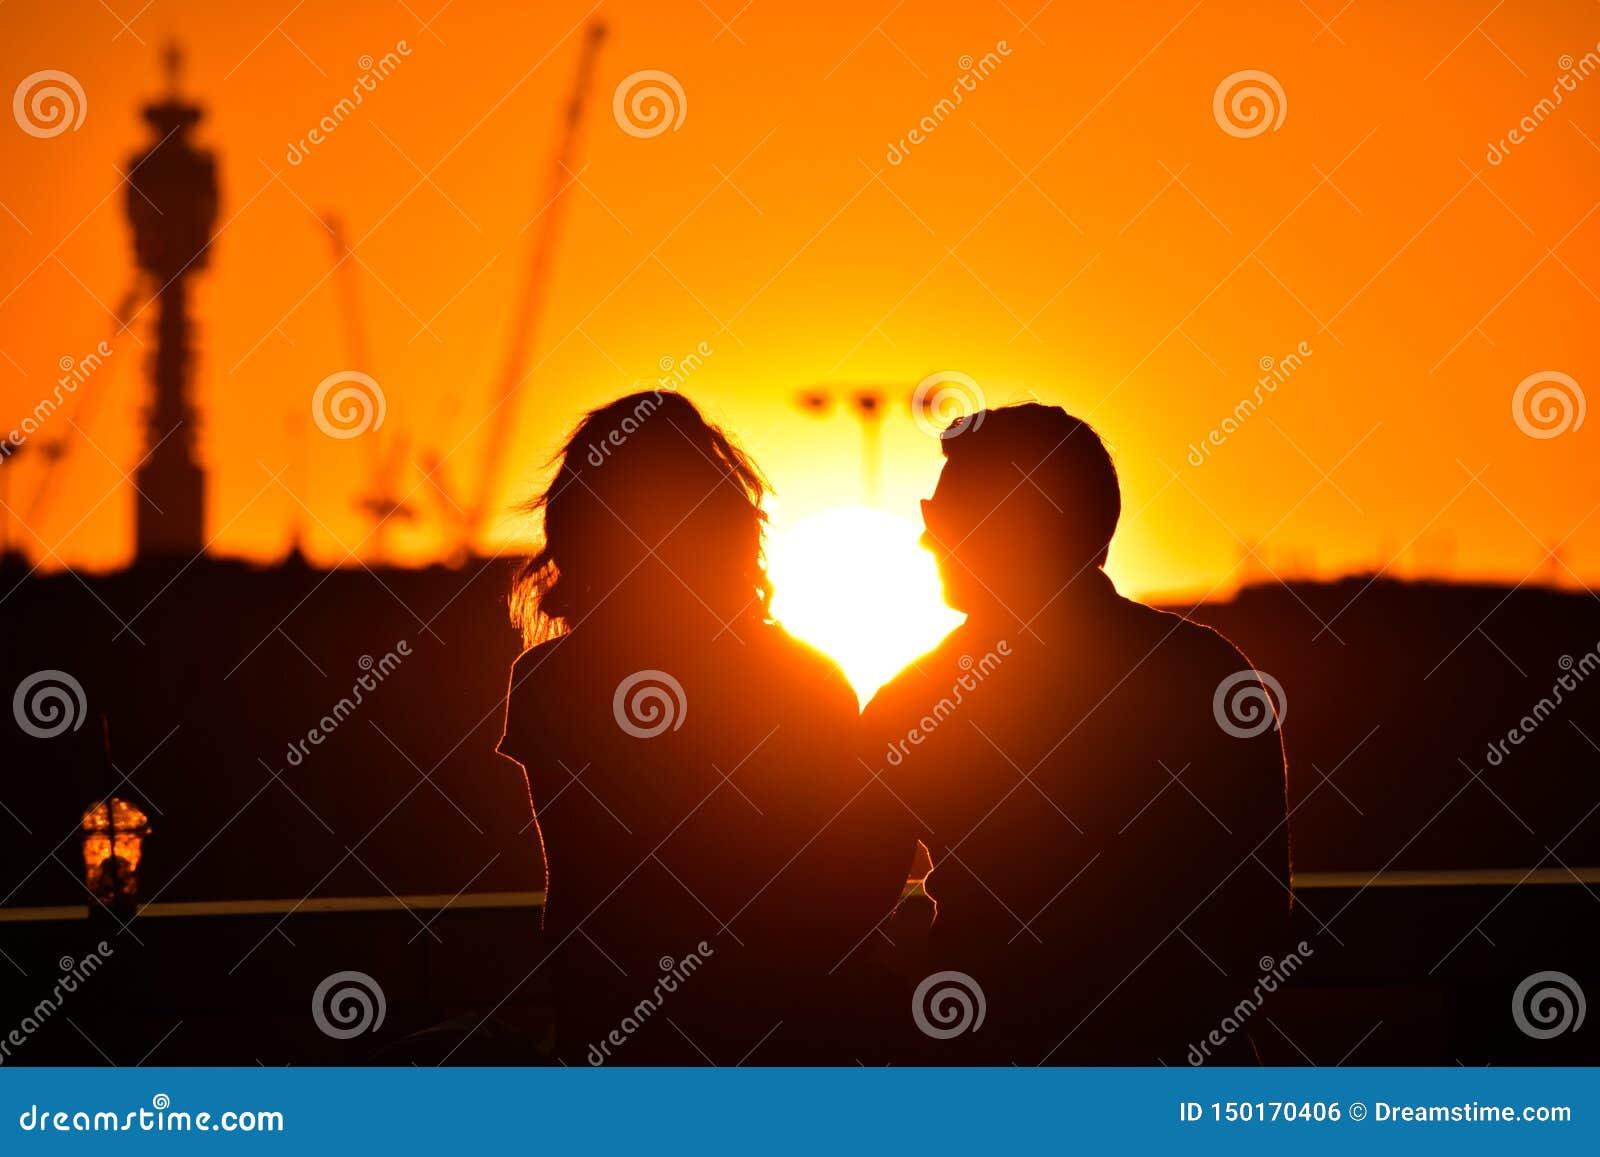 Silhouet van het houden van van paar die op mooie heldere romantische zonsondergang letten